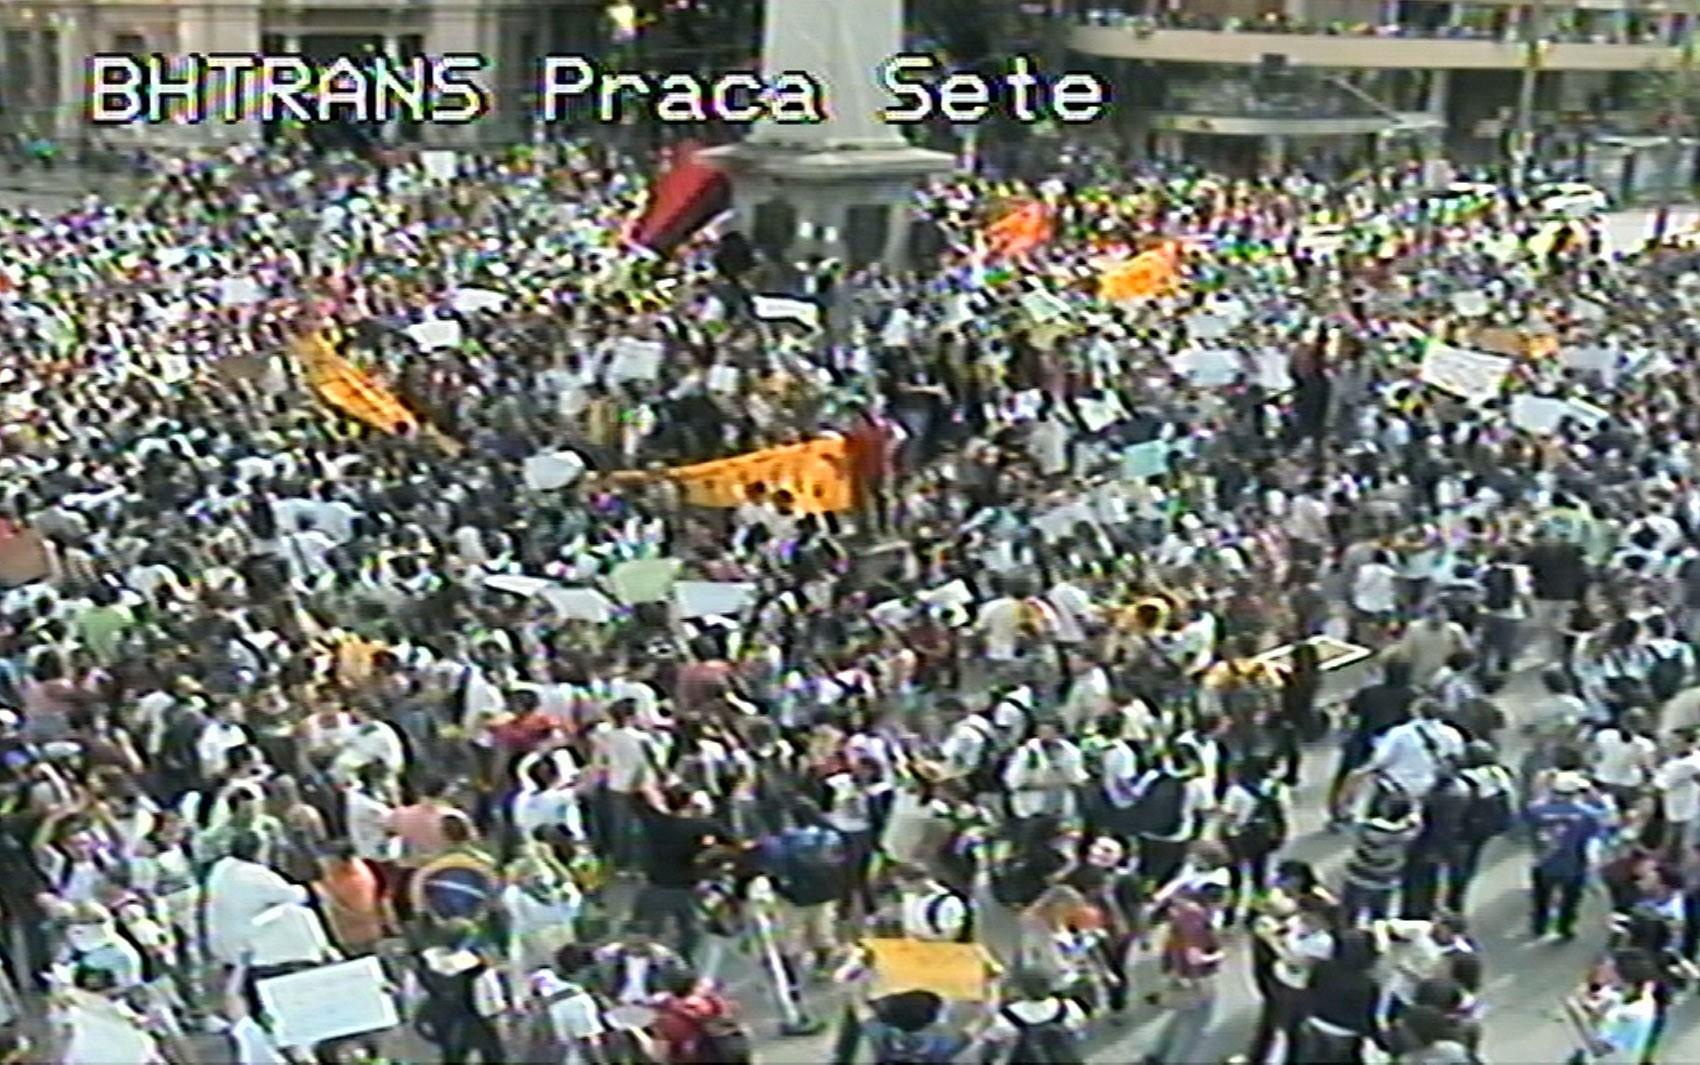 Protesto bloqueia trânsito no Centro de Belo Horizonte nesta segunda-feira (17) (Foto: Reprodução/BHTrans)